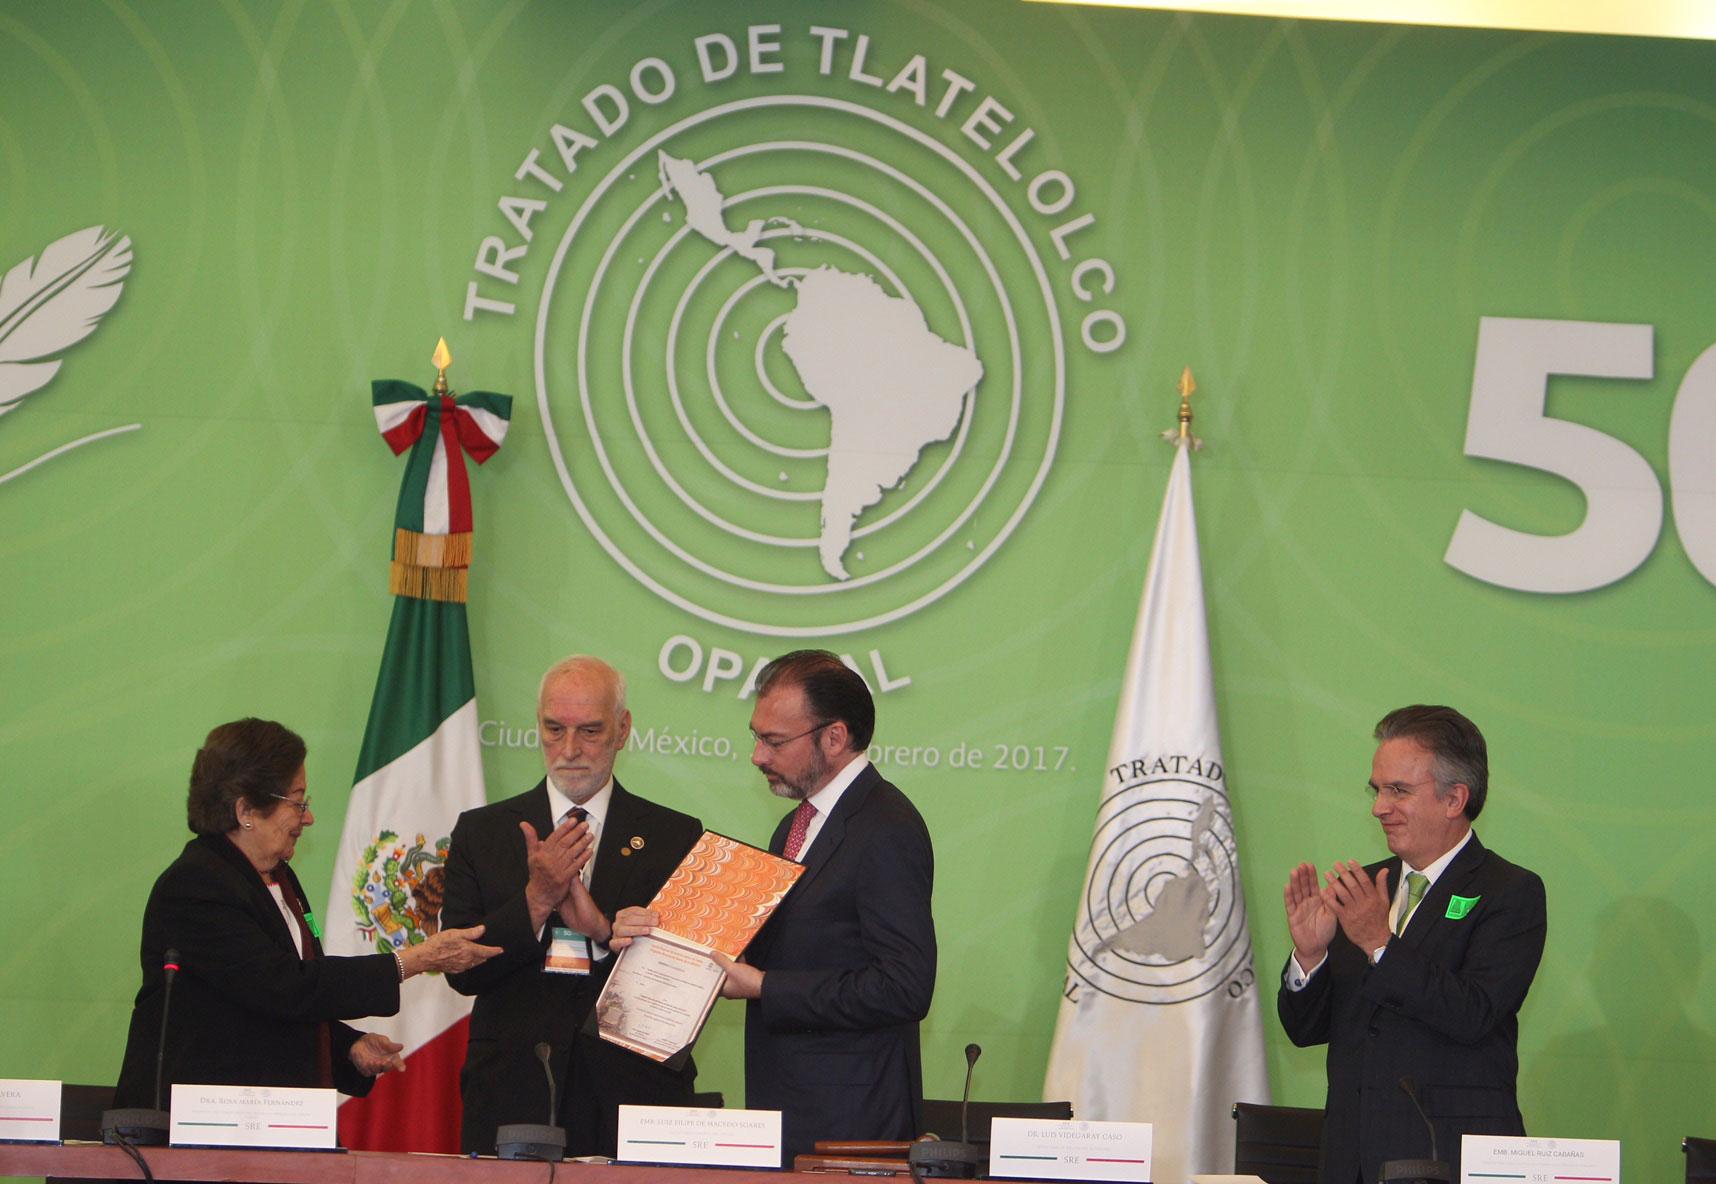 Conmemoración del 50 aniversario del Tratado de Tlatelolco